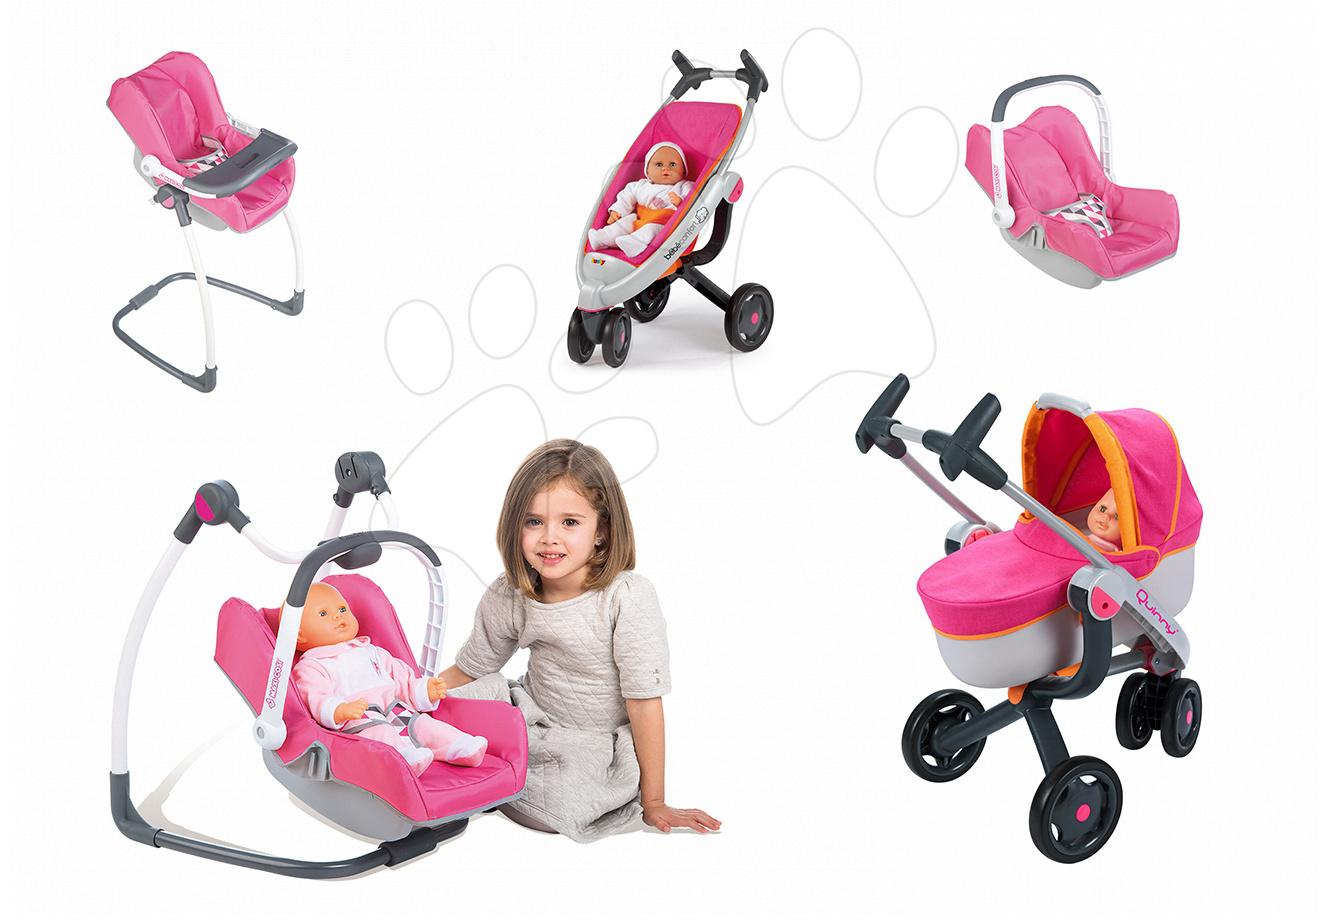 Set kočárek pro panenku 3v1 Maxi-Cosi & Quinny Smoby (70 cm ručka) a houpačka s autosedačkou a židličkou 3v1